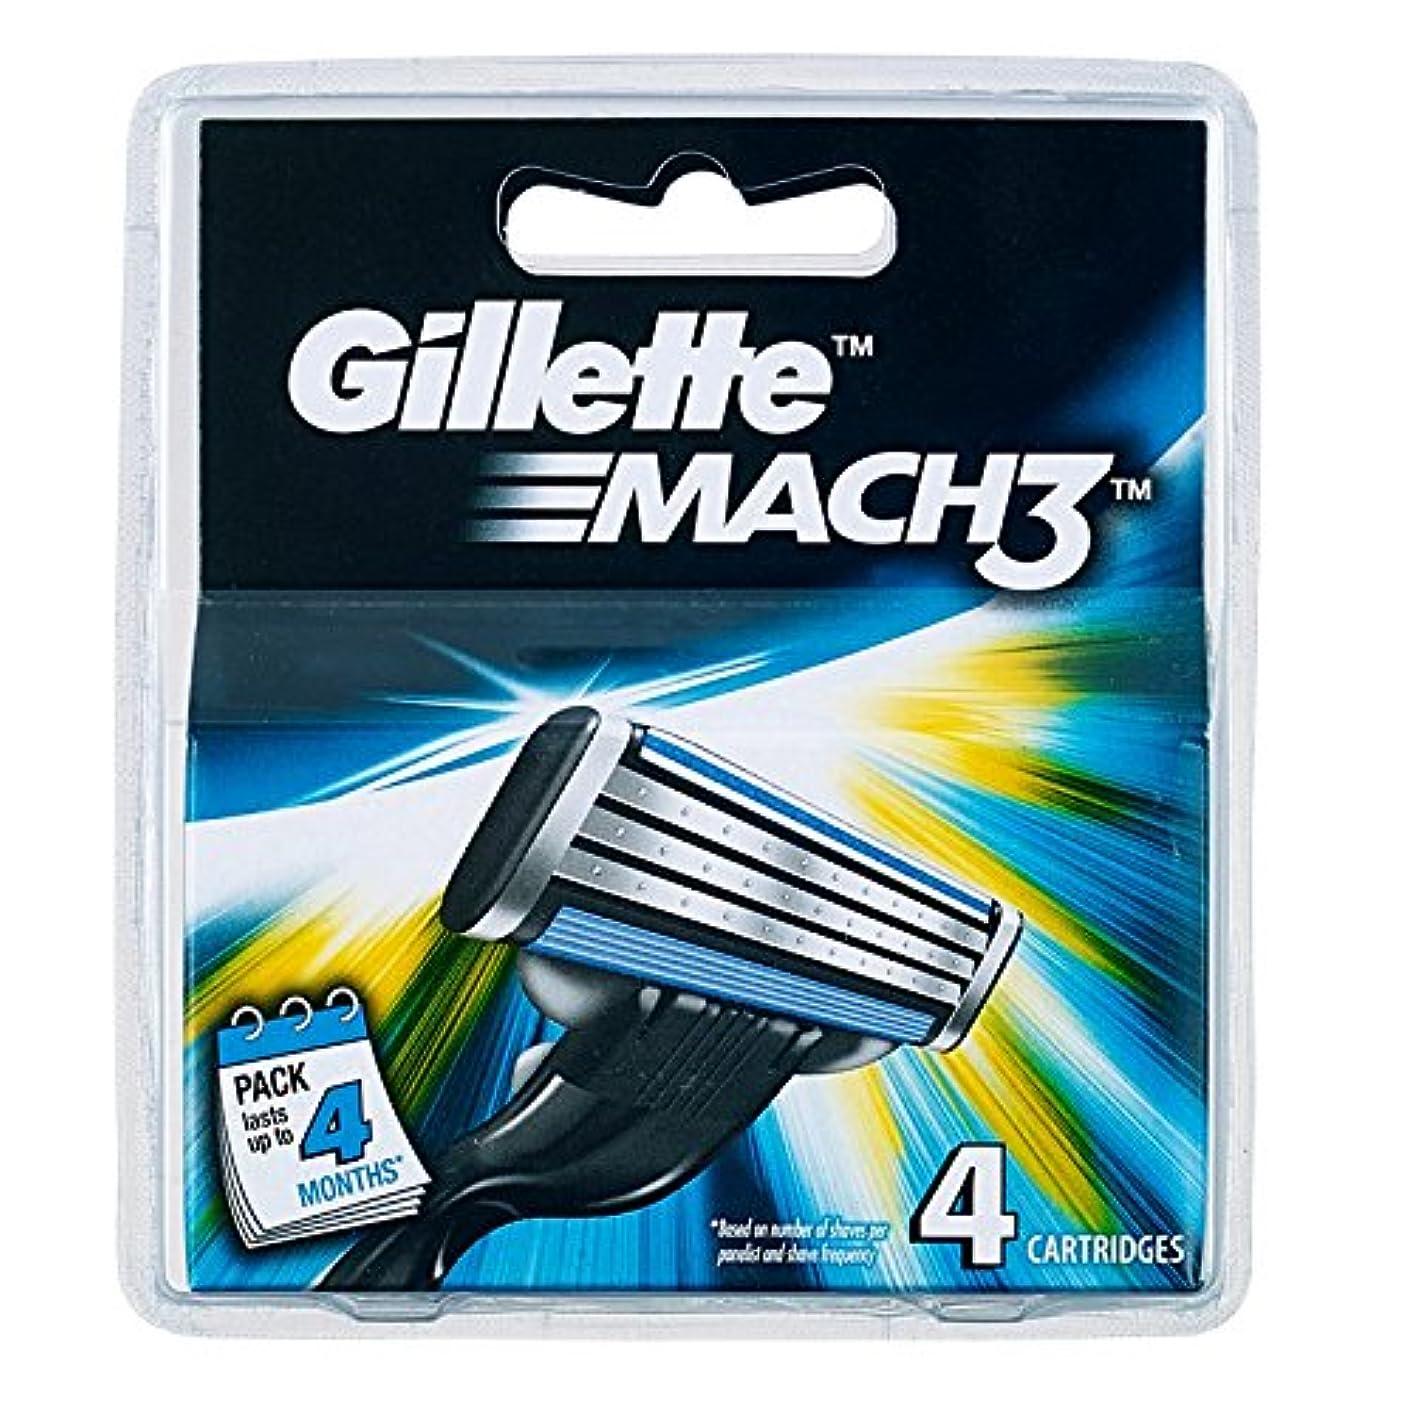 悲しいことに外出ジャズGillette MACH3 SHAVING RAZOR CARTRIDGES BLADES 4 Pack [並行輸入品]